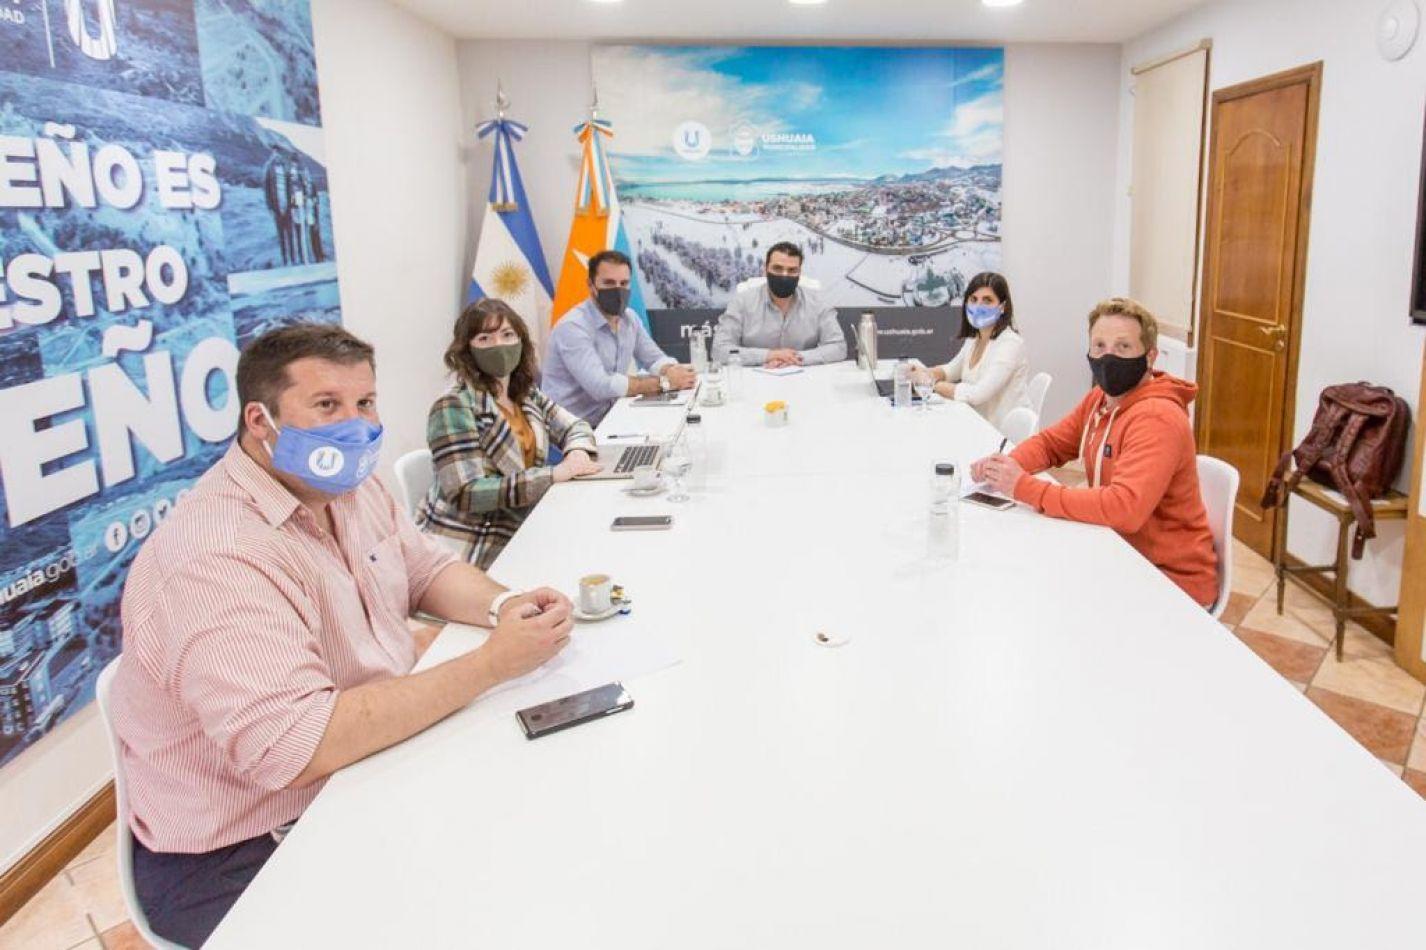 El intendente Walter Vuoto mantuvo una reunión de trabajo con el equipo económico y de producción de la Municipalidad de Ushuaia.